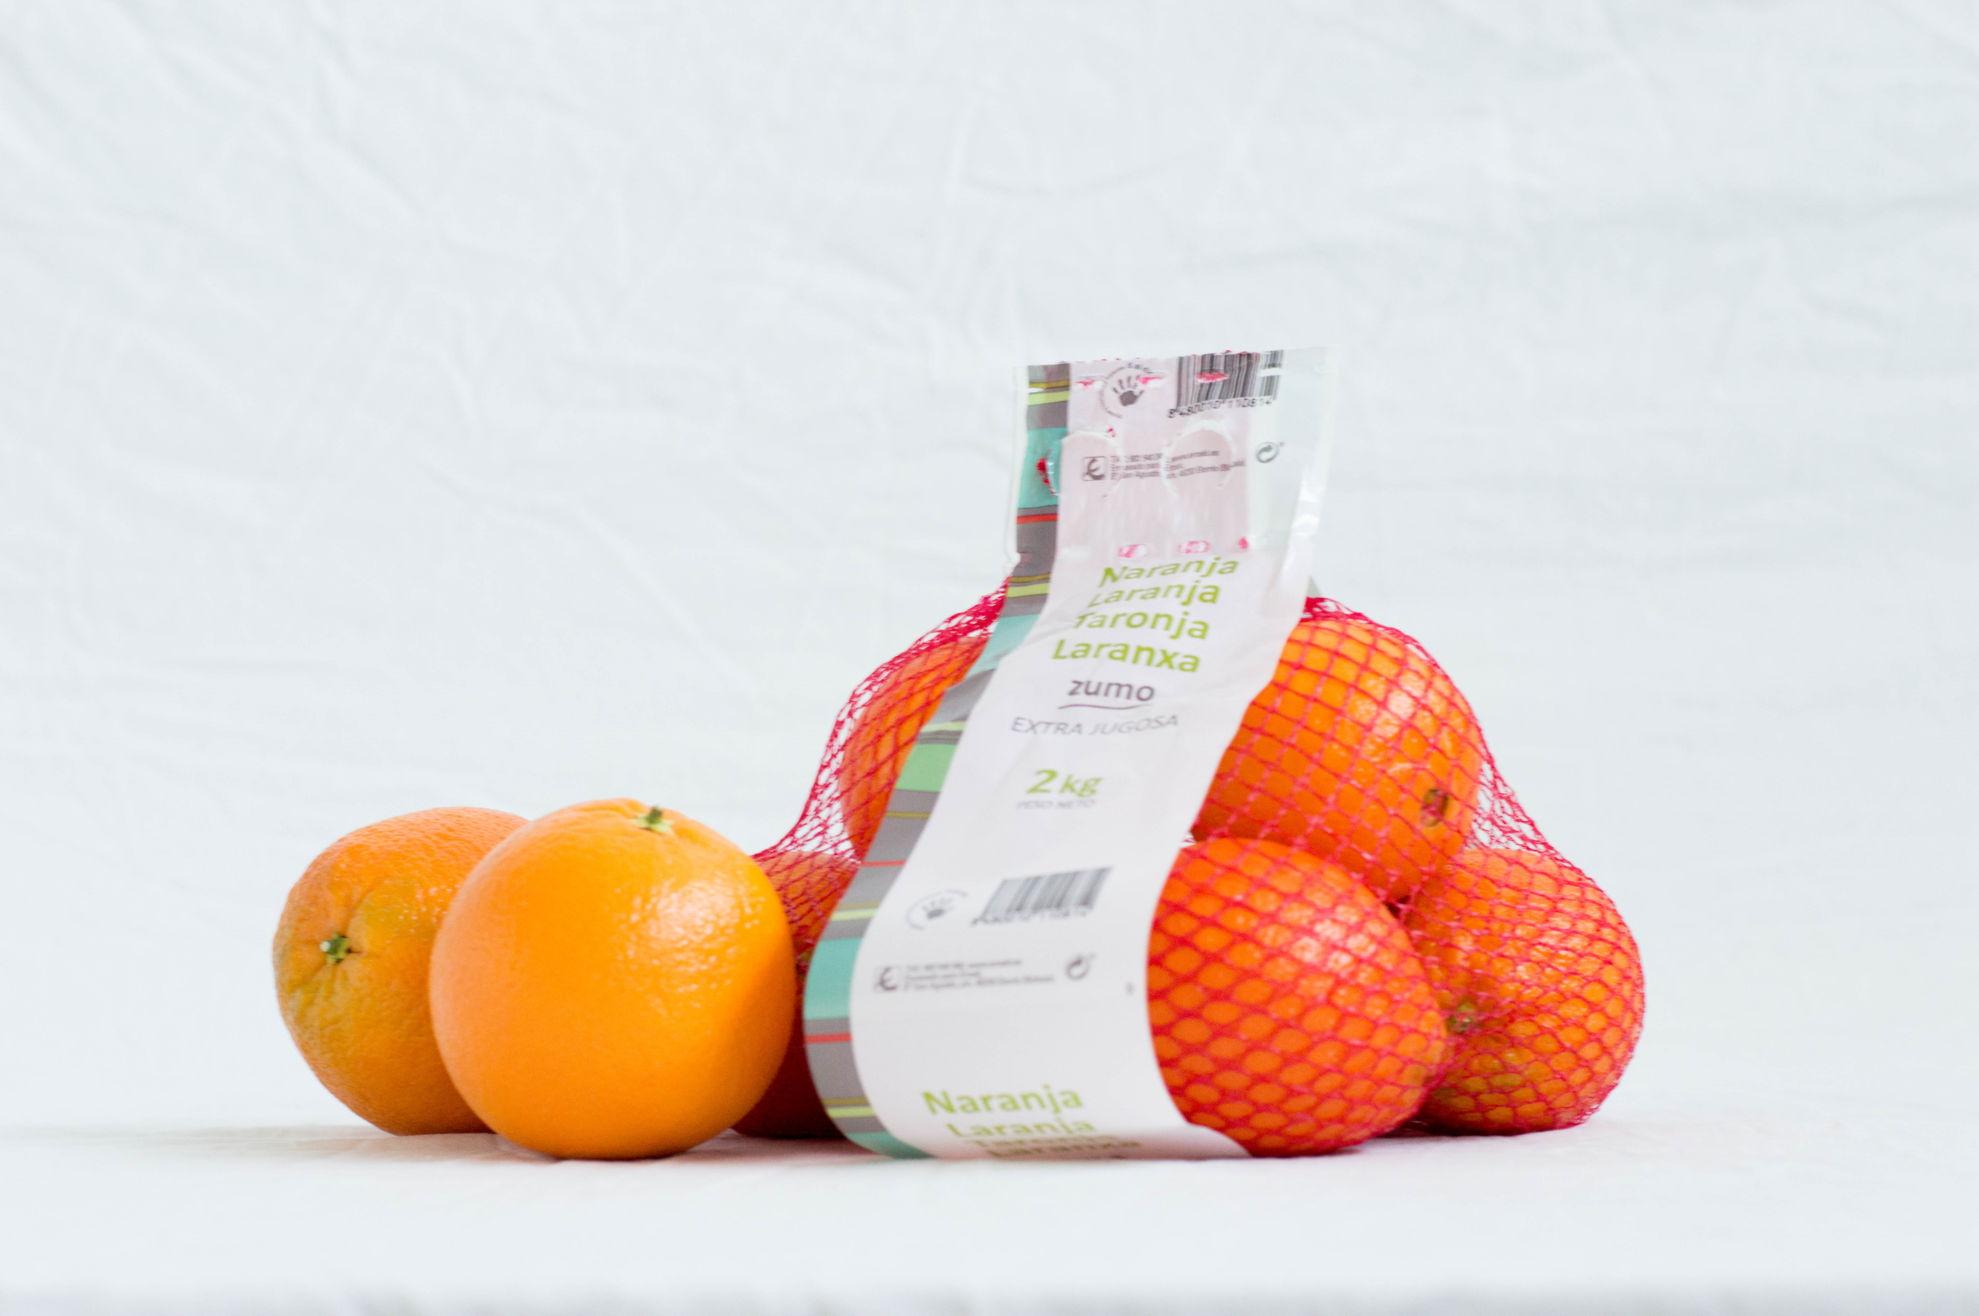 naranjas-eroski-germansfuster